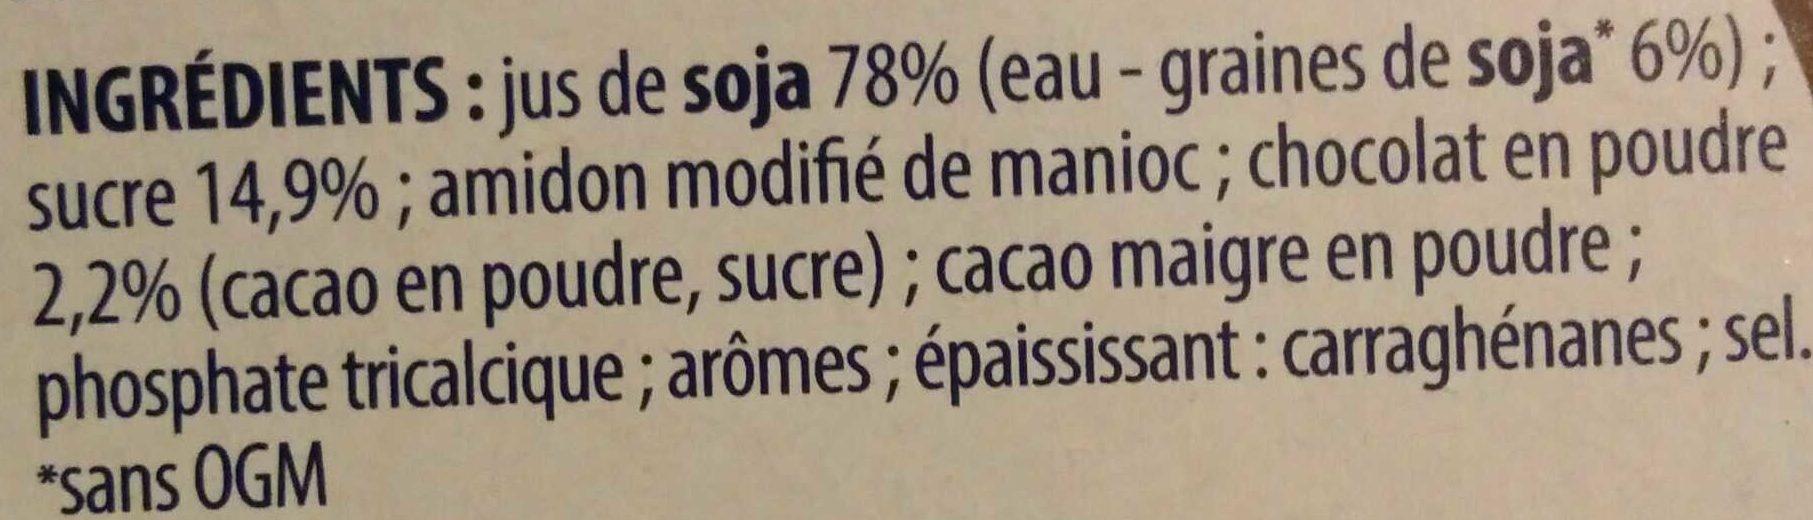 Soja douceur végétale chocolat - Ingrédients - fr